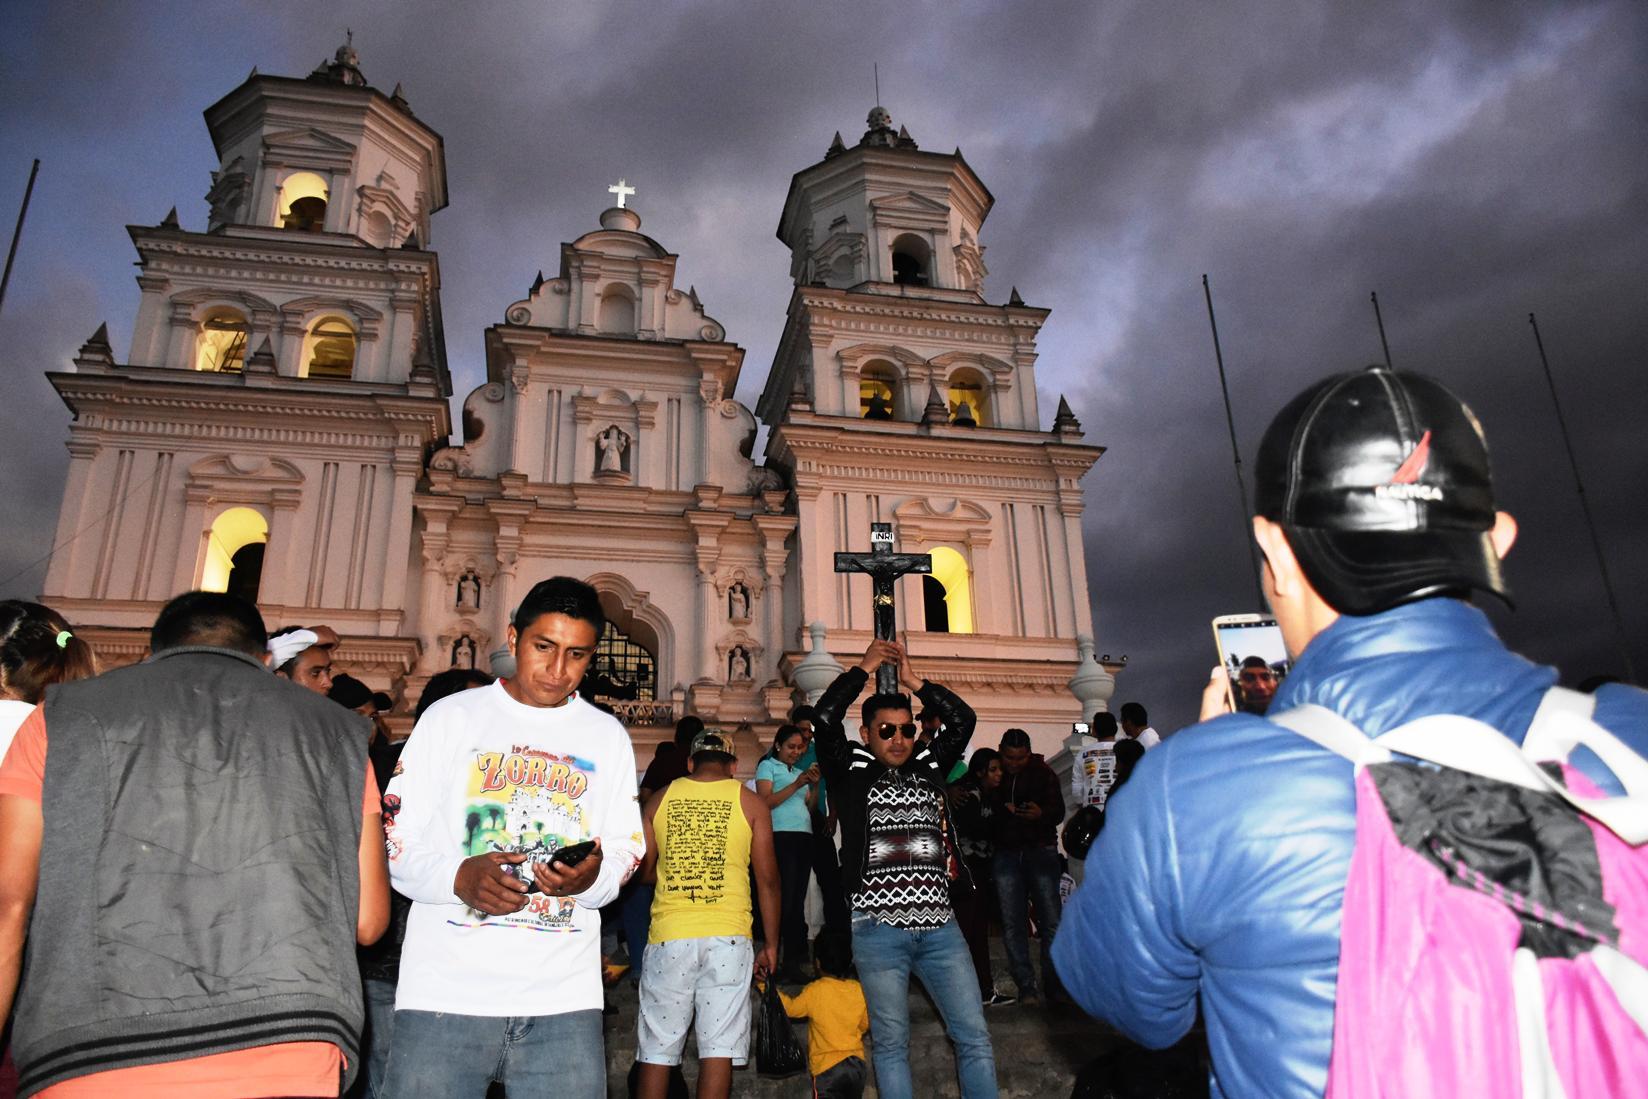 Varios motoristas de la Caravana permanecen en el atrio de la Basílica de Esquipulas. (Foto Prensa Libre: Mario Morales)